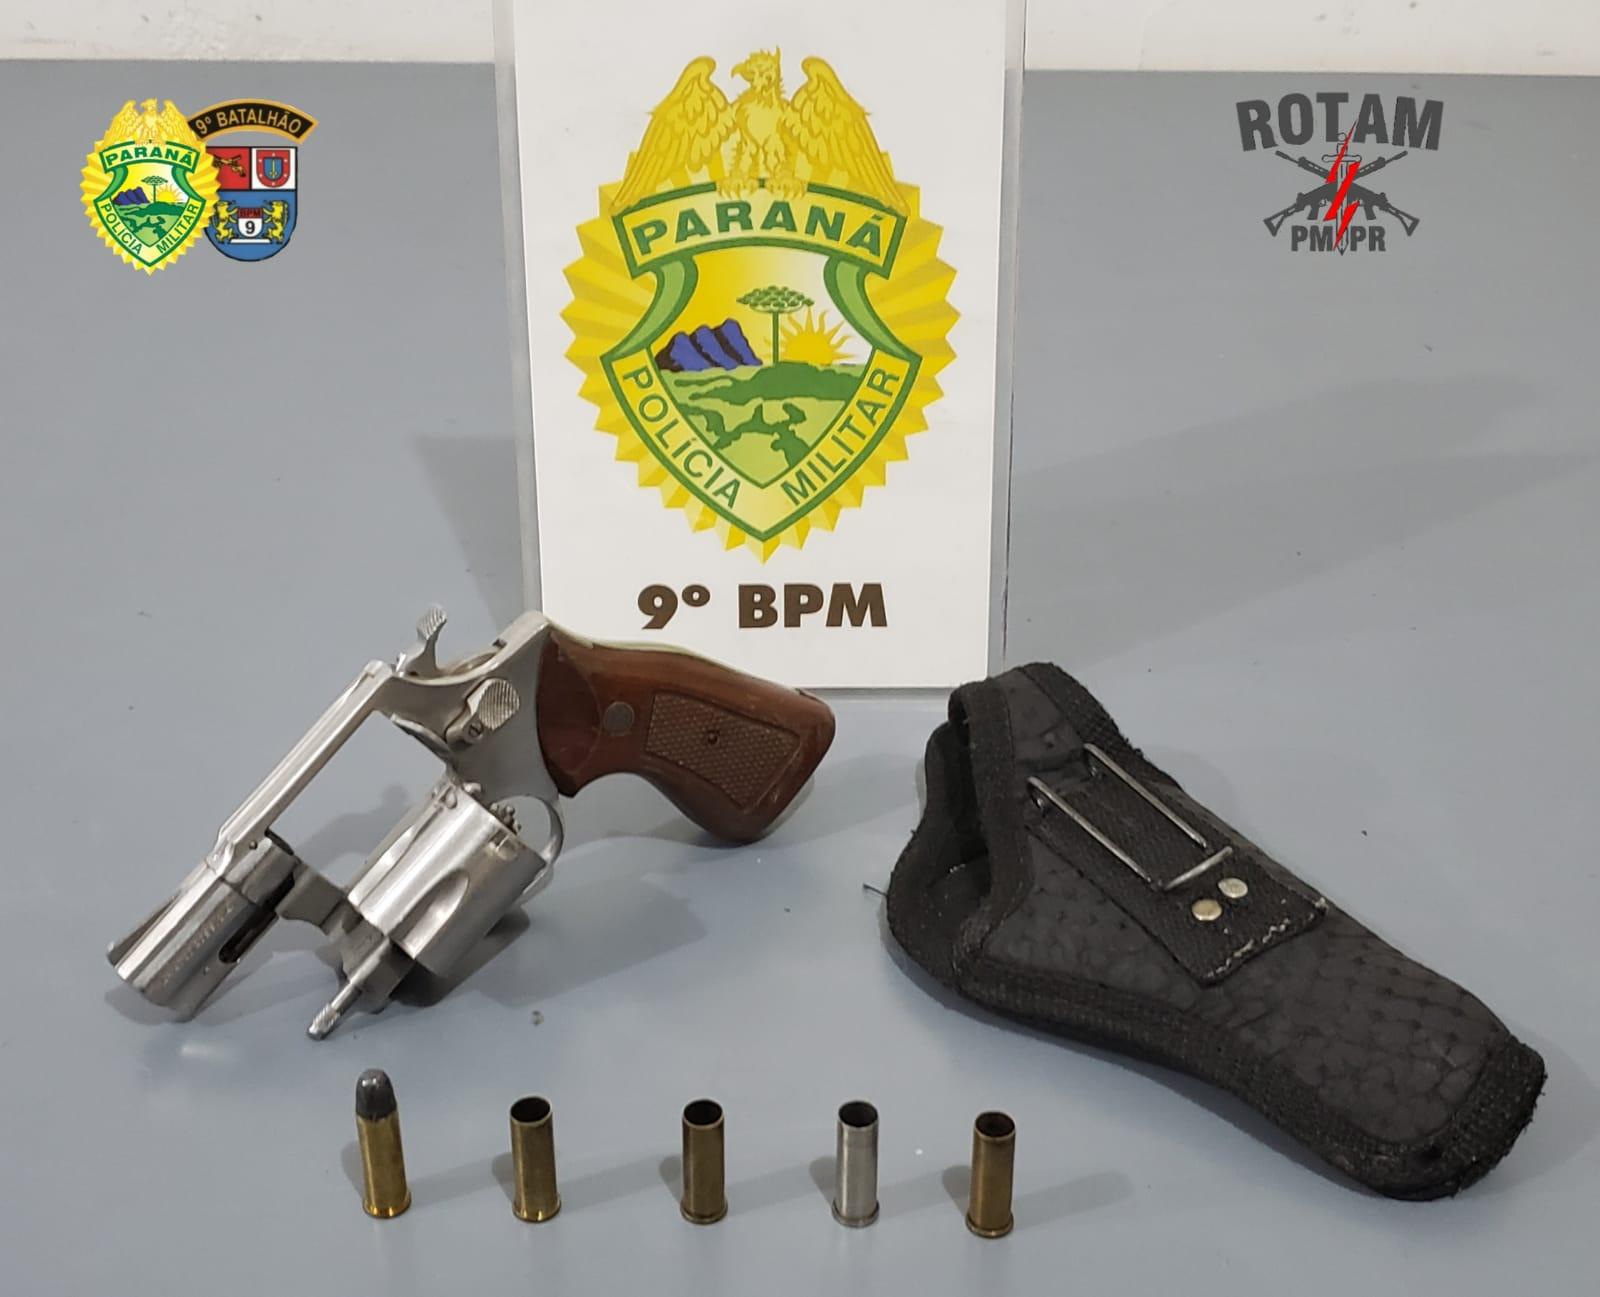 Discussão por conta de som alto termina com tiros e arma apreendida em Guaratuba